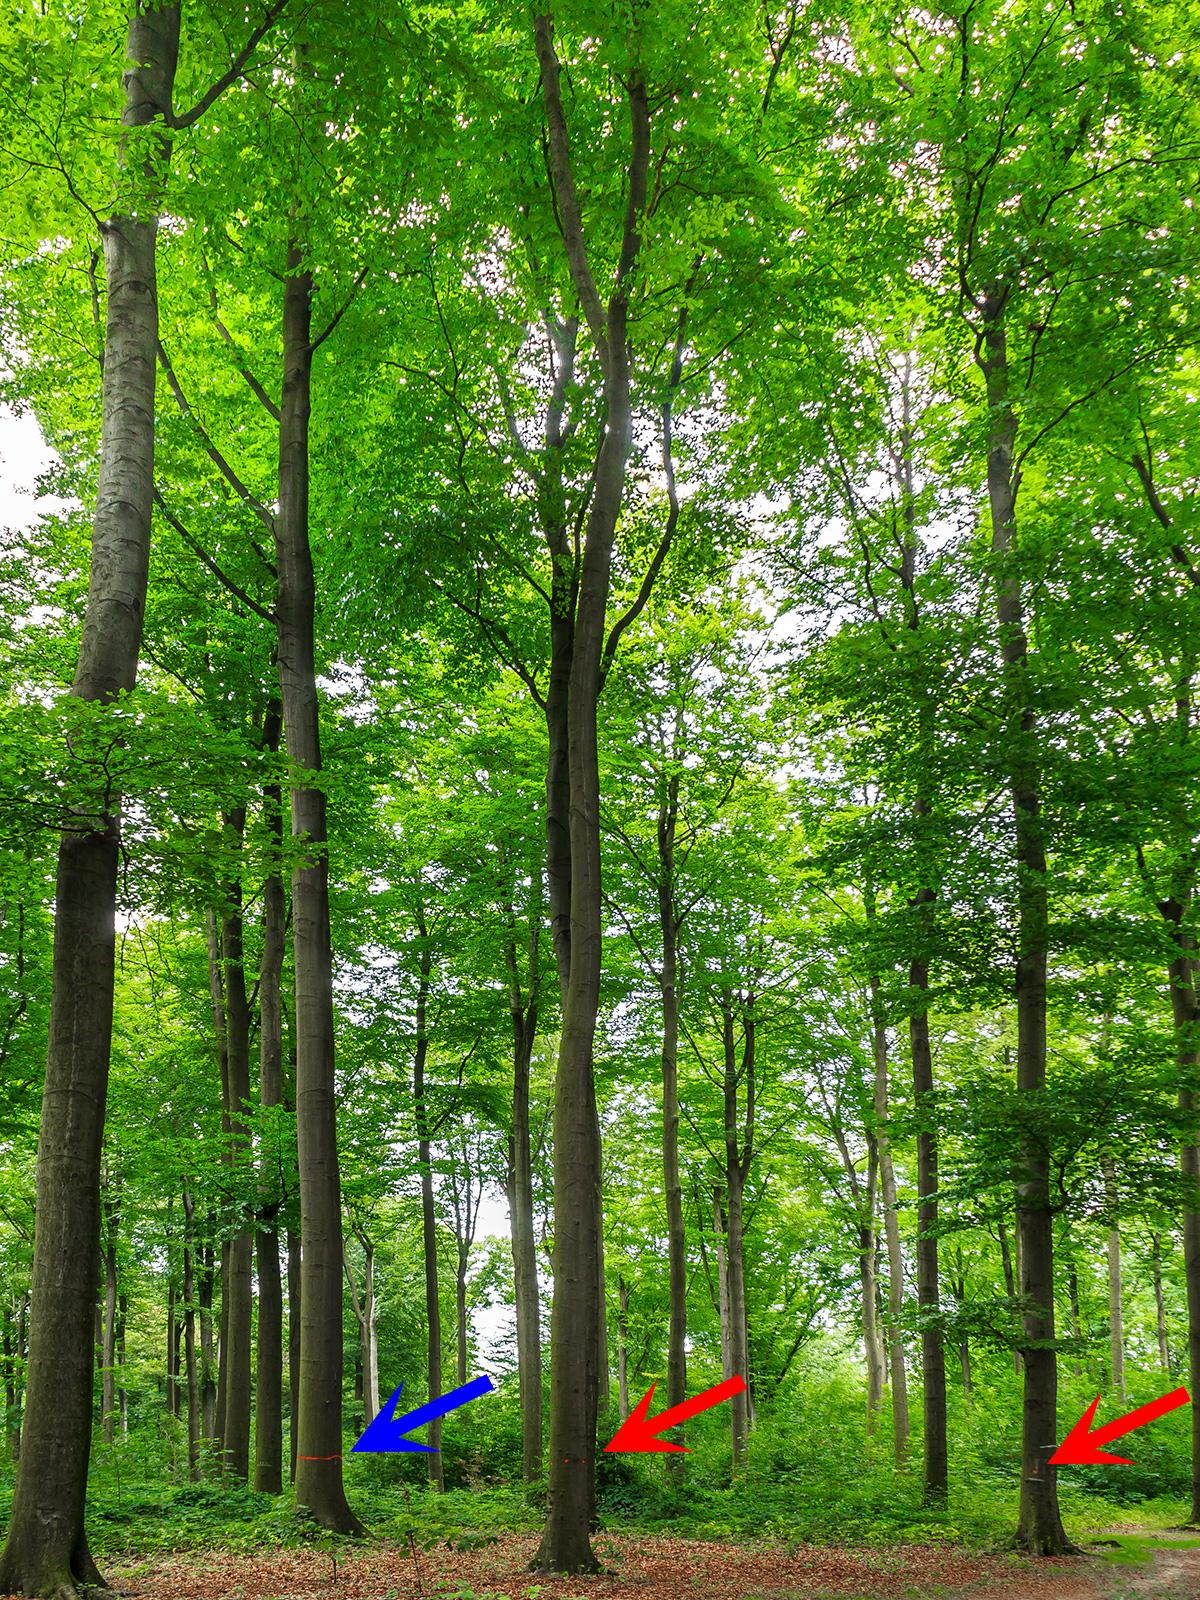 Z-Baum links (blauer Pfeil), 2 angebliche Bedränger rechts (rote Pfeile)